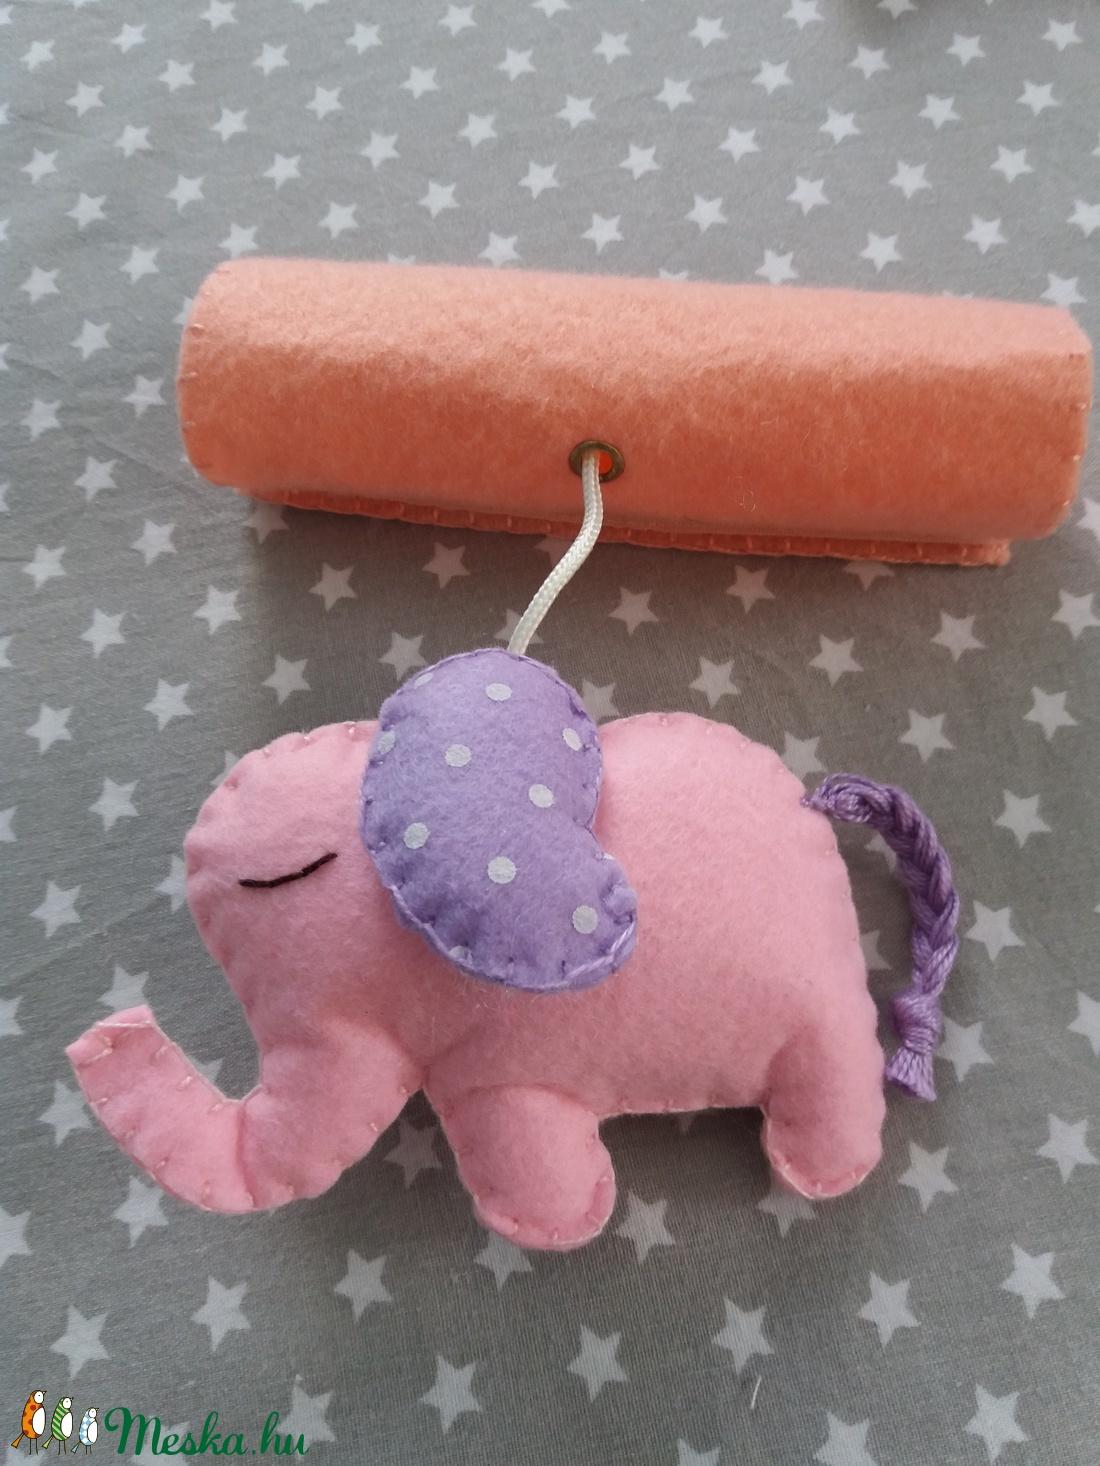 Baba játék szett hordozóra - barack és rózsaszín színvilágban - játék & gyerek - 3 éves kor alattiaknak - csörgő - Meska.hu